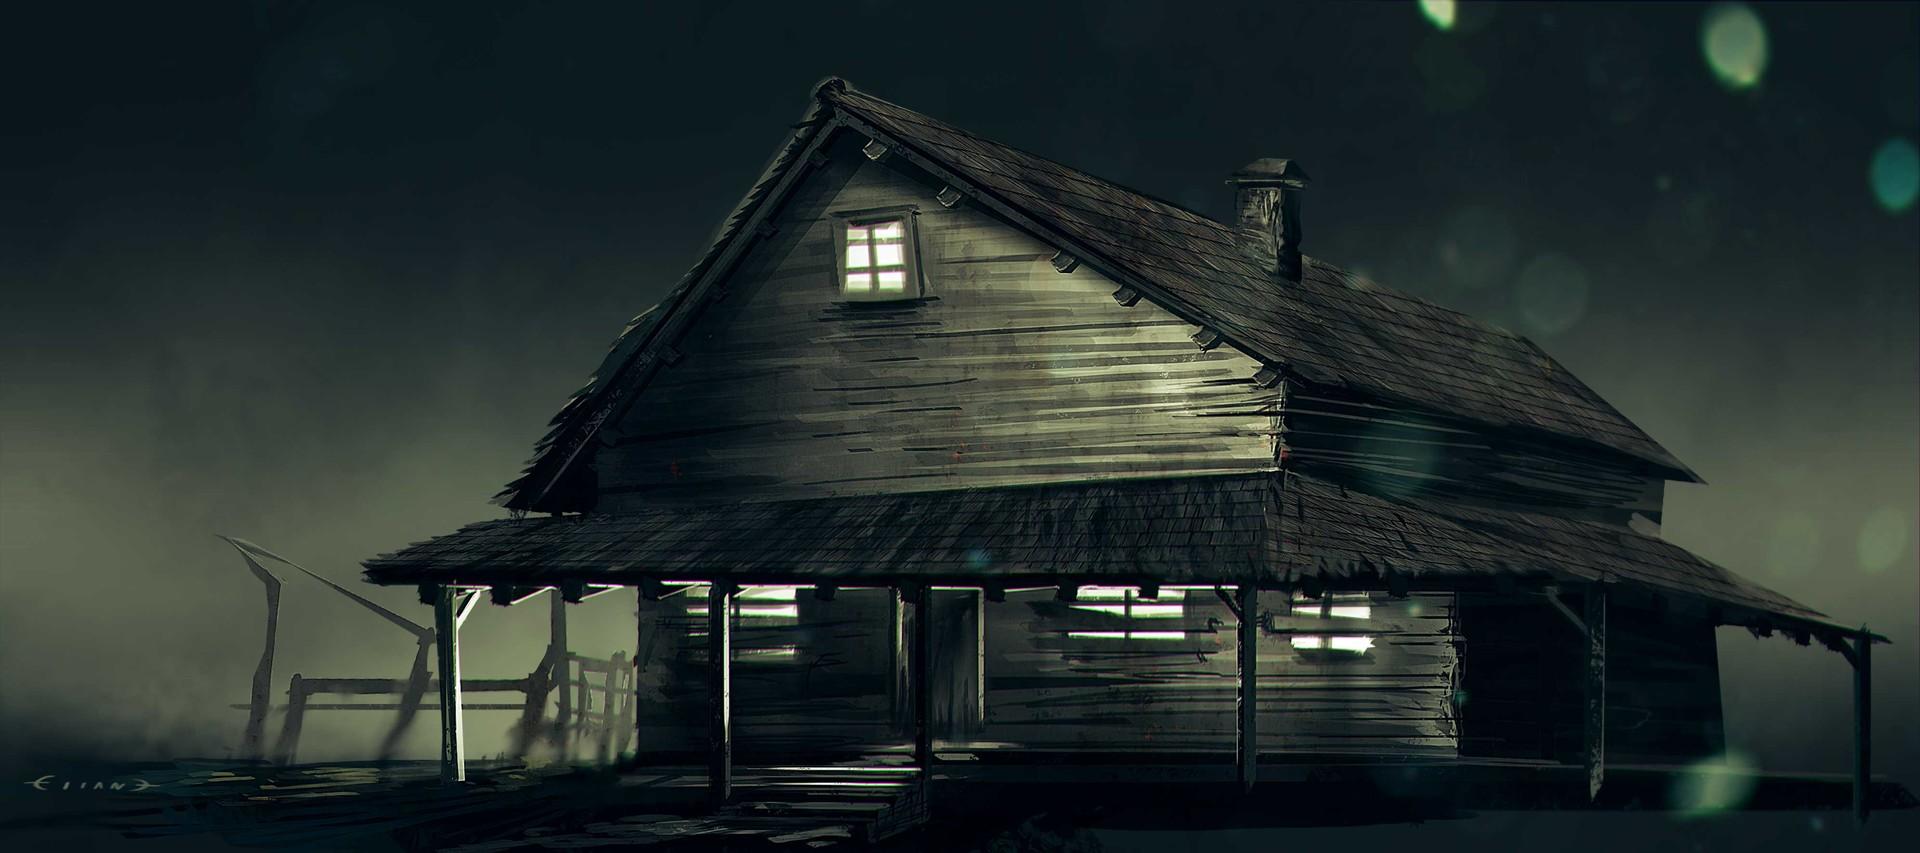 Eliant elias house